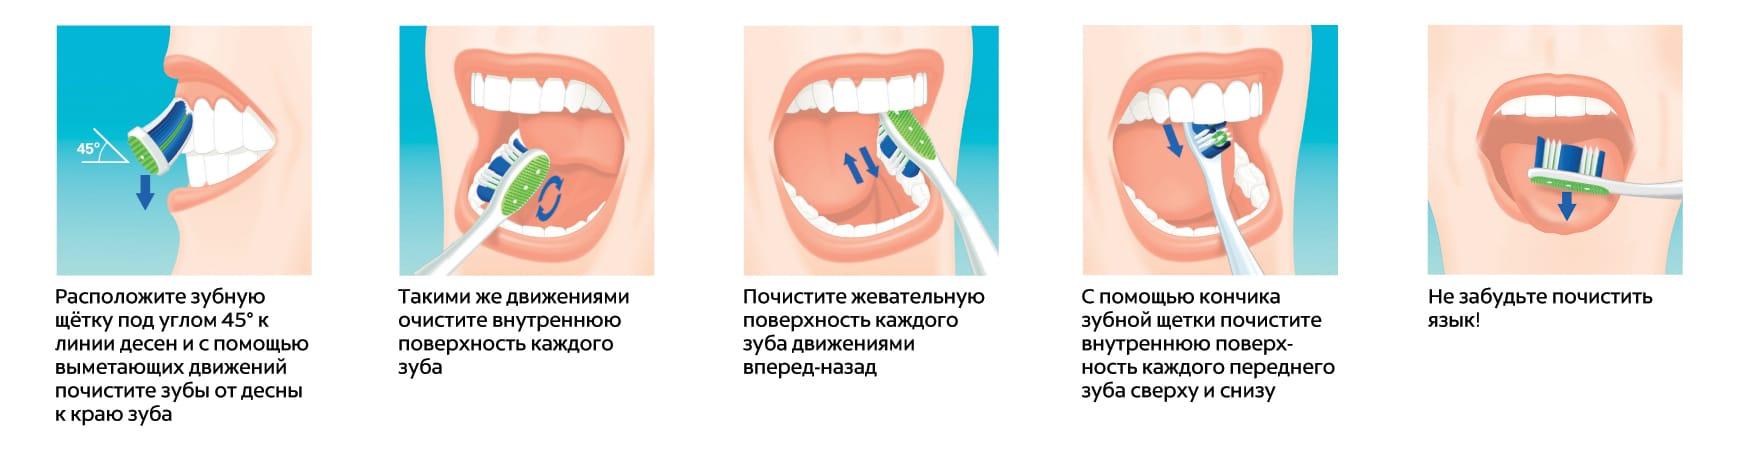 Правила чистки зубов щеткой